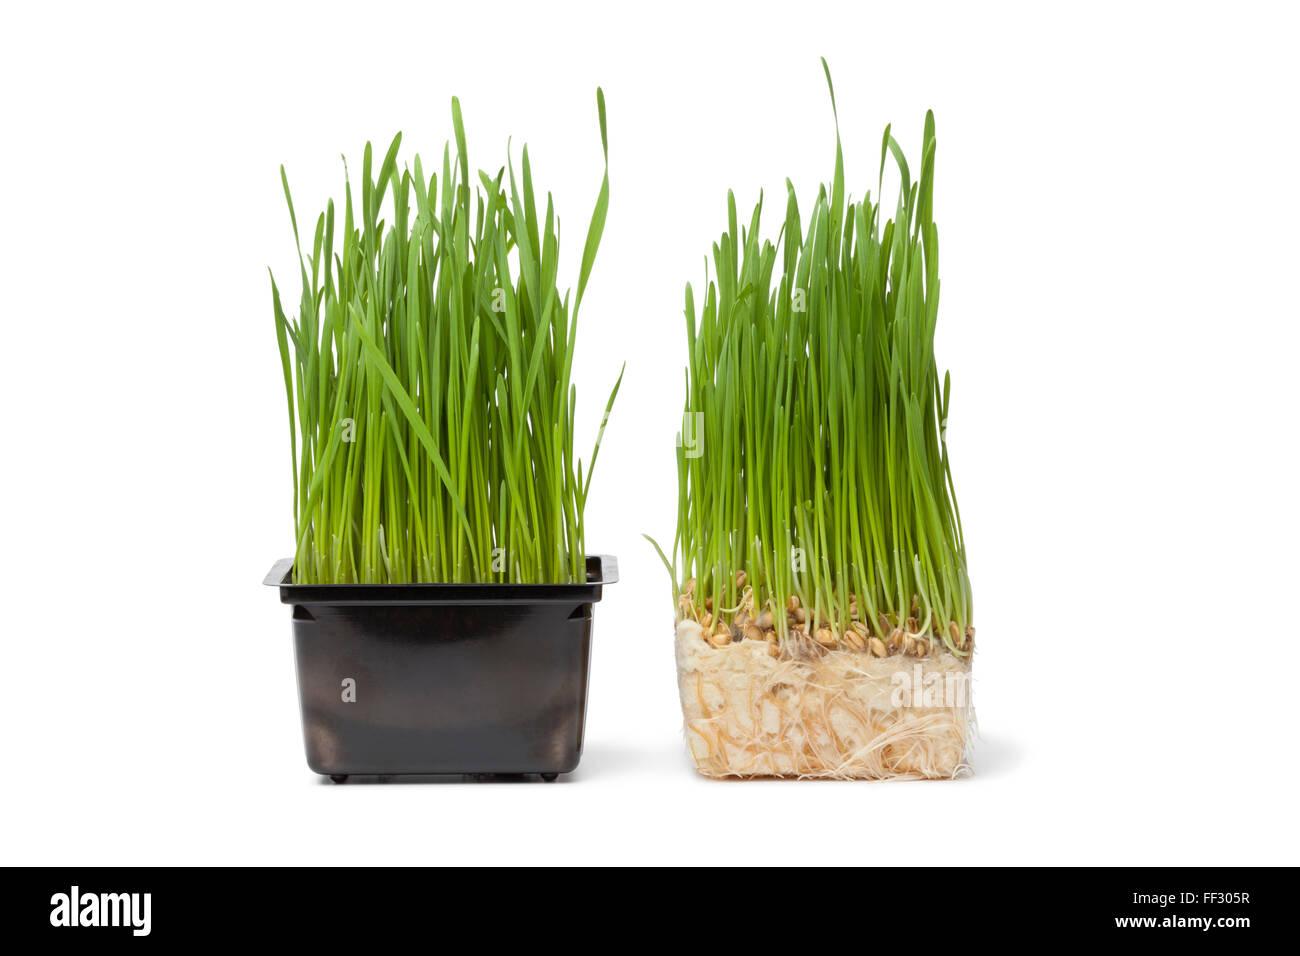 Bio Weizengras in Plastikbehälter auf weißem Hintergrund Stockbild